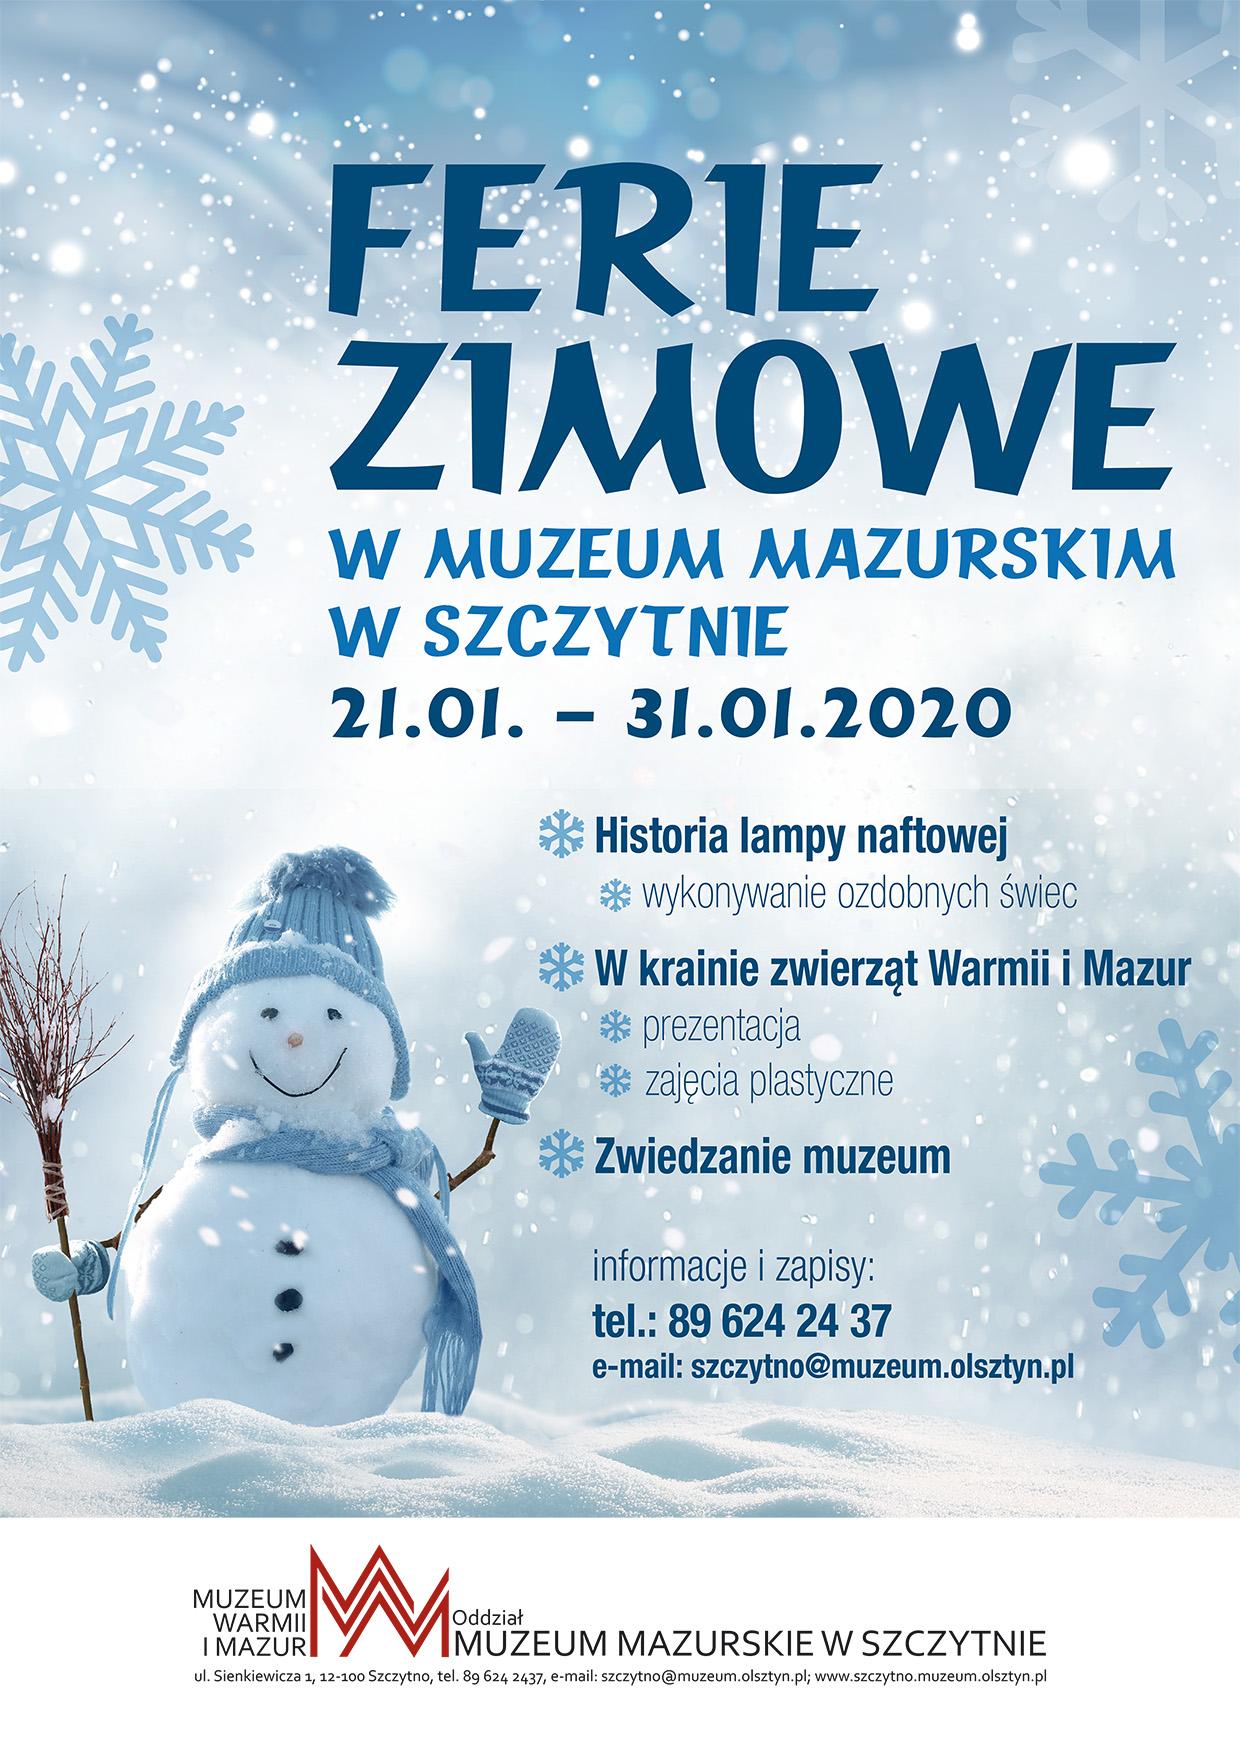 http://m.wmwm.pl/2020/01/orig/plakat-ferie-mmszczytno-2020-fb-6571.jpg